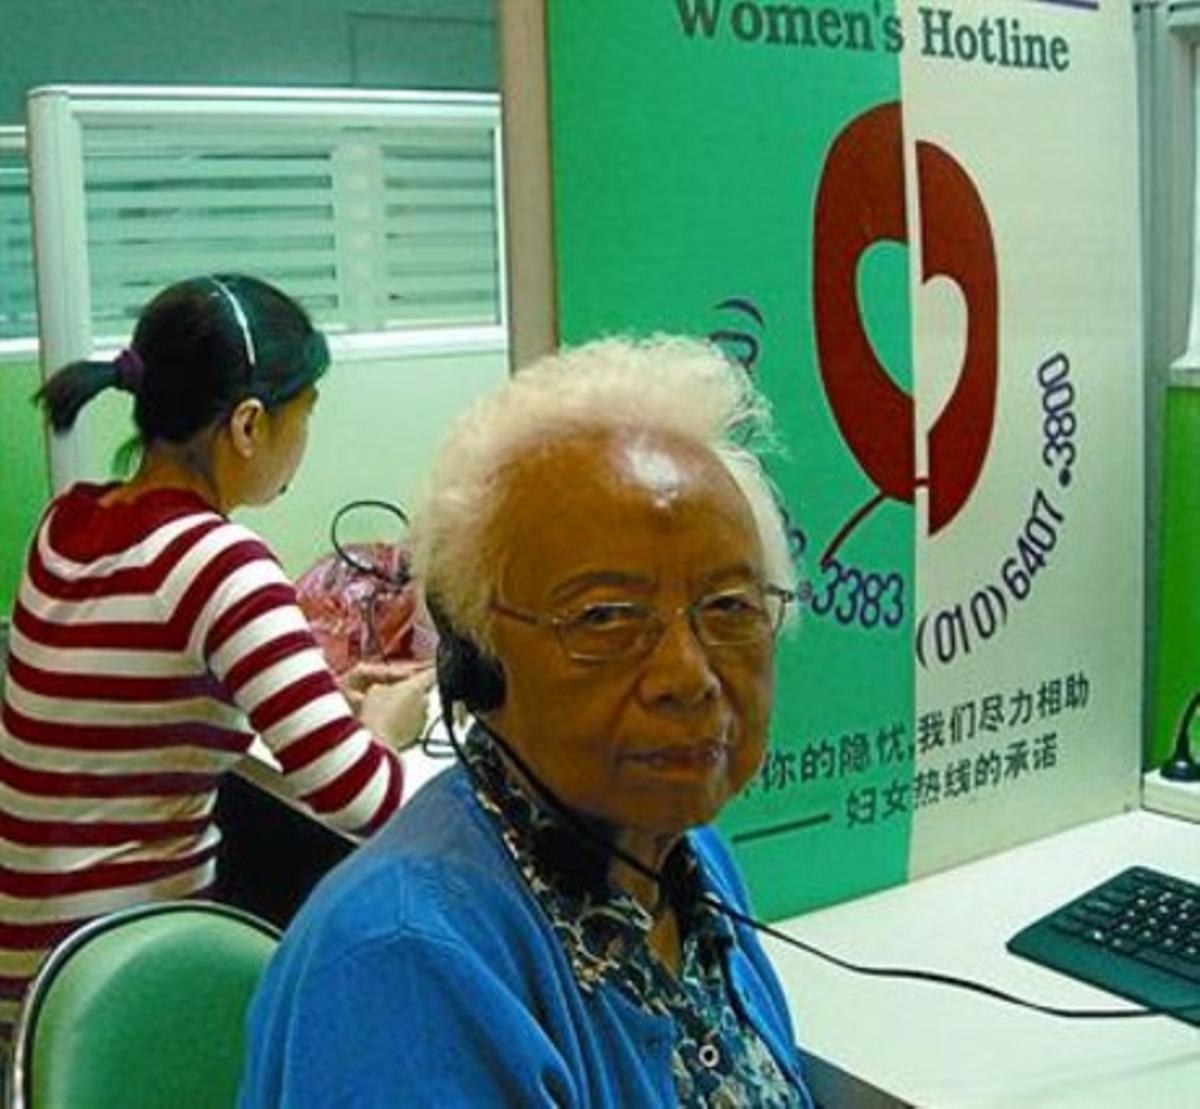 Wang Xingjuan, fundadora de la organización Maple Centre, en Pekín.